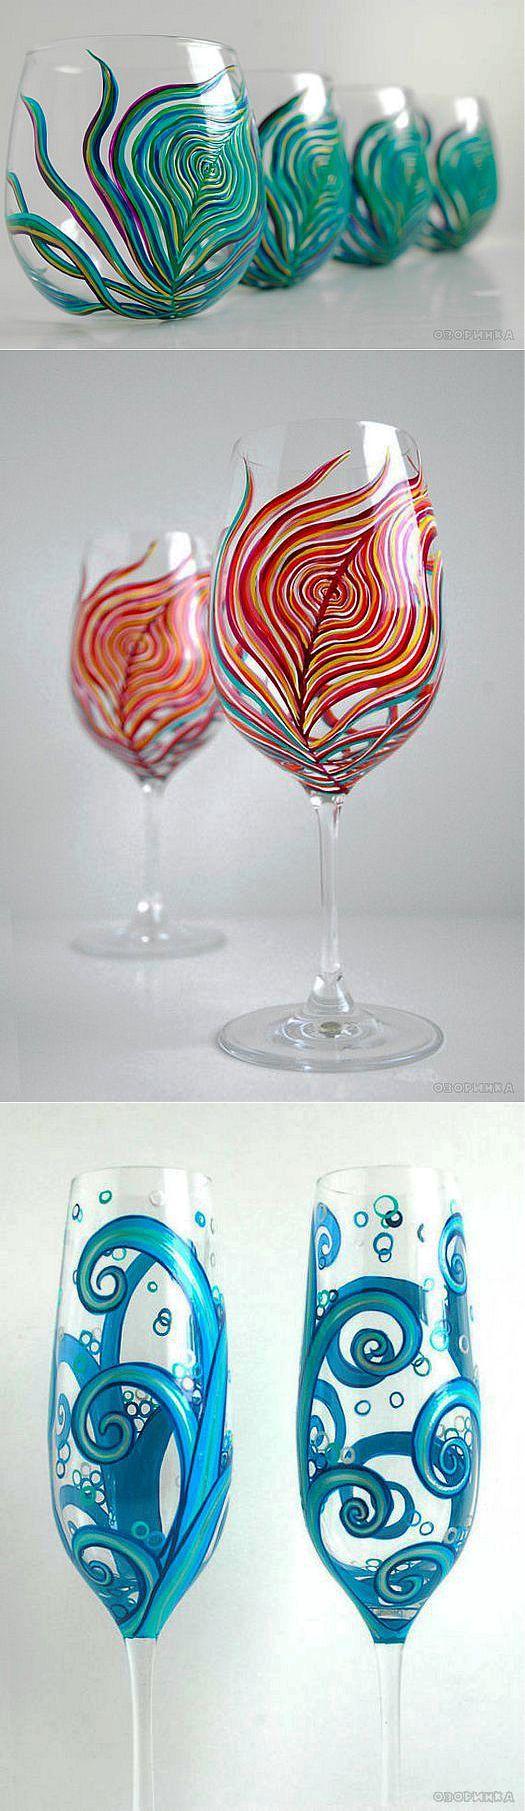 Поделки своими руками - Идеи для росписи посуды | Роспись по стеклу | Постила